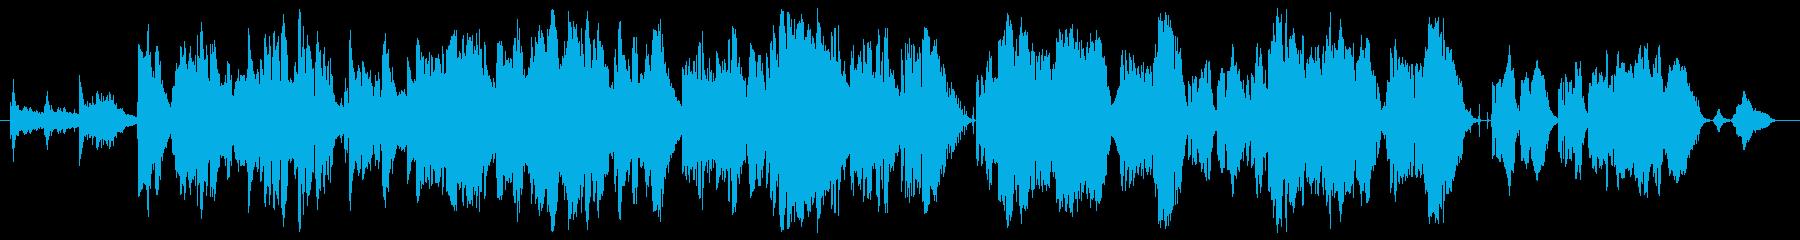 ファンタスティックなオーケストラポップスの再生済みの波形